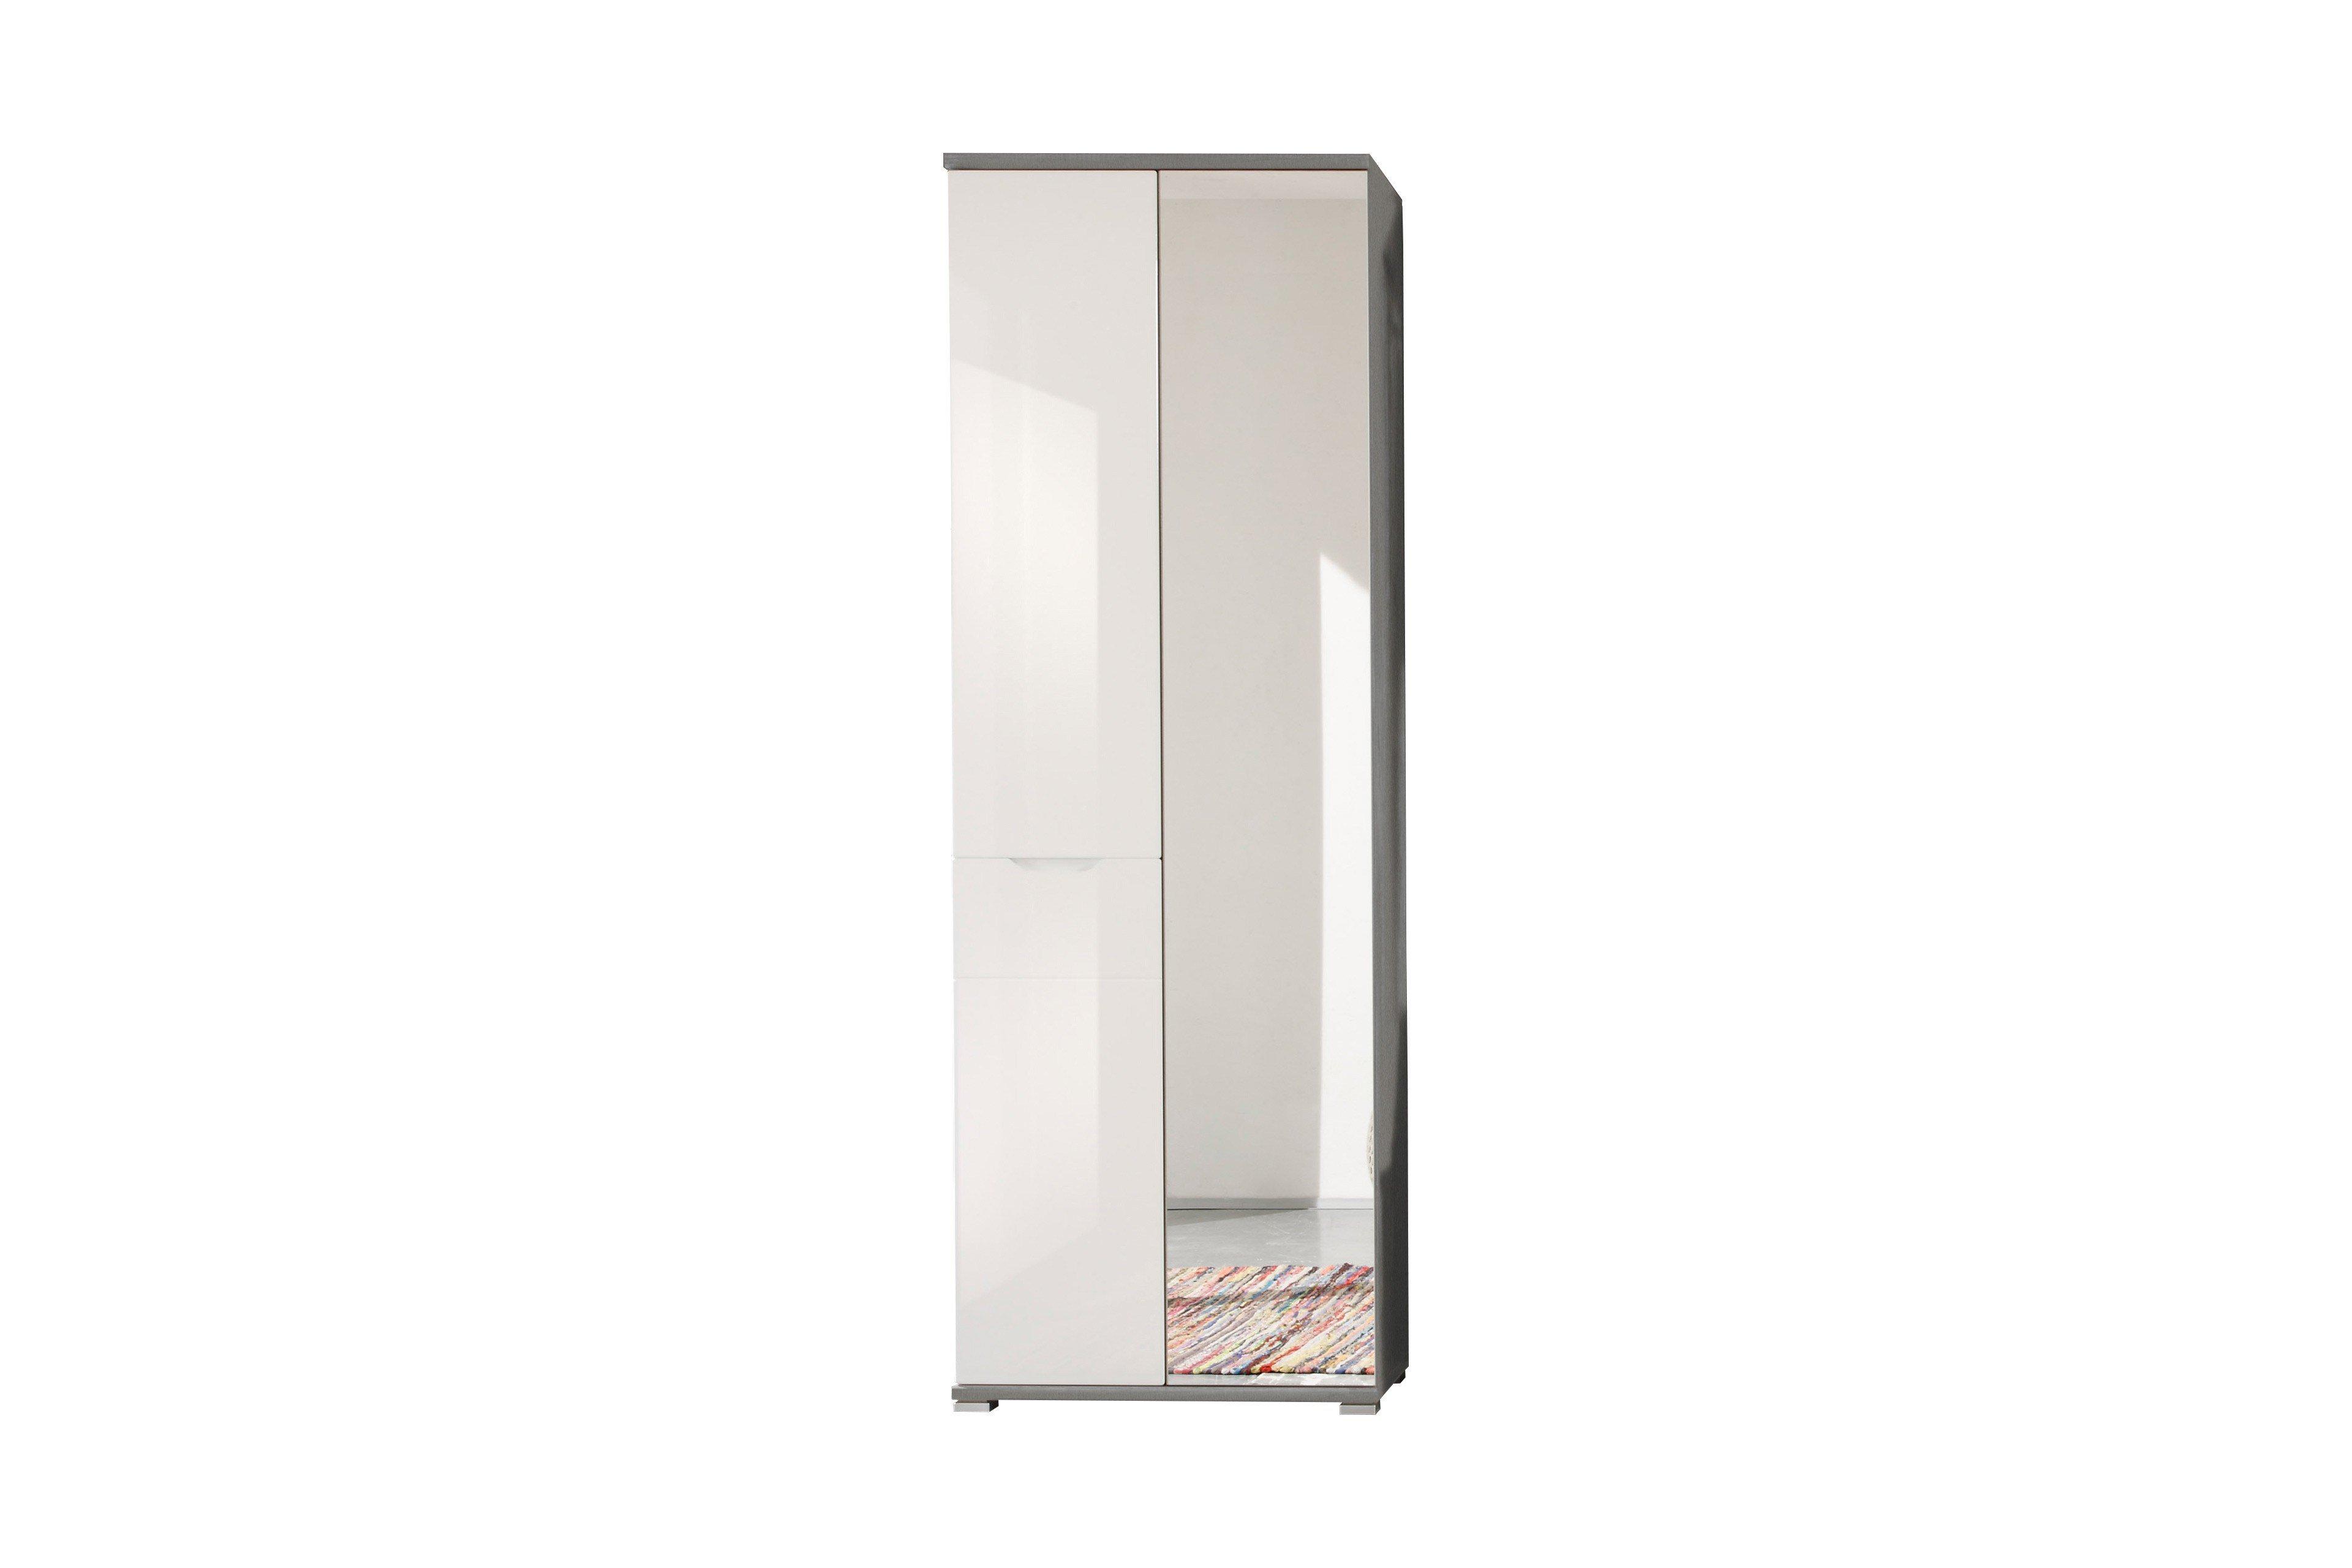 Wunderschön Garderobenschrank Weiß Referenz Von Roy Von First Look - In Weiß/